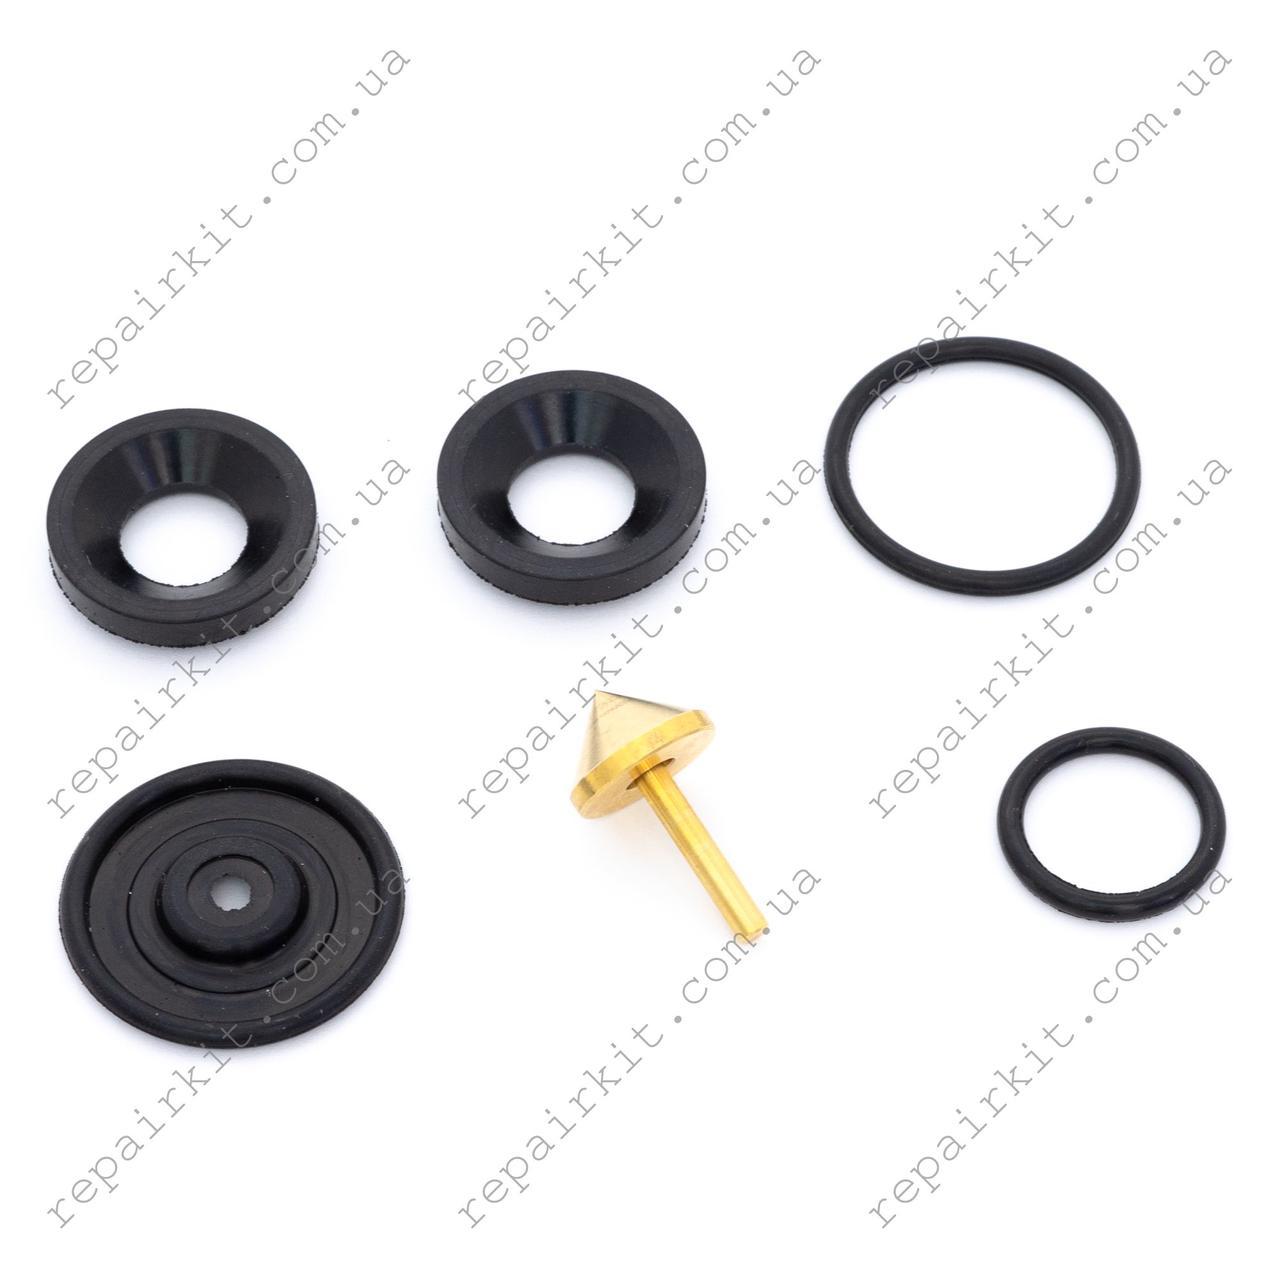 Ремкомплект клапанов печки Mercedes-Benz, Range Rover, BMW